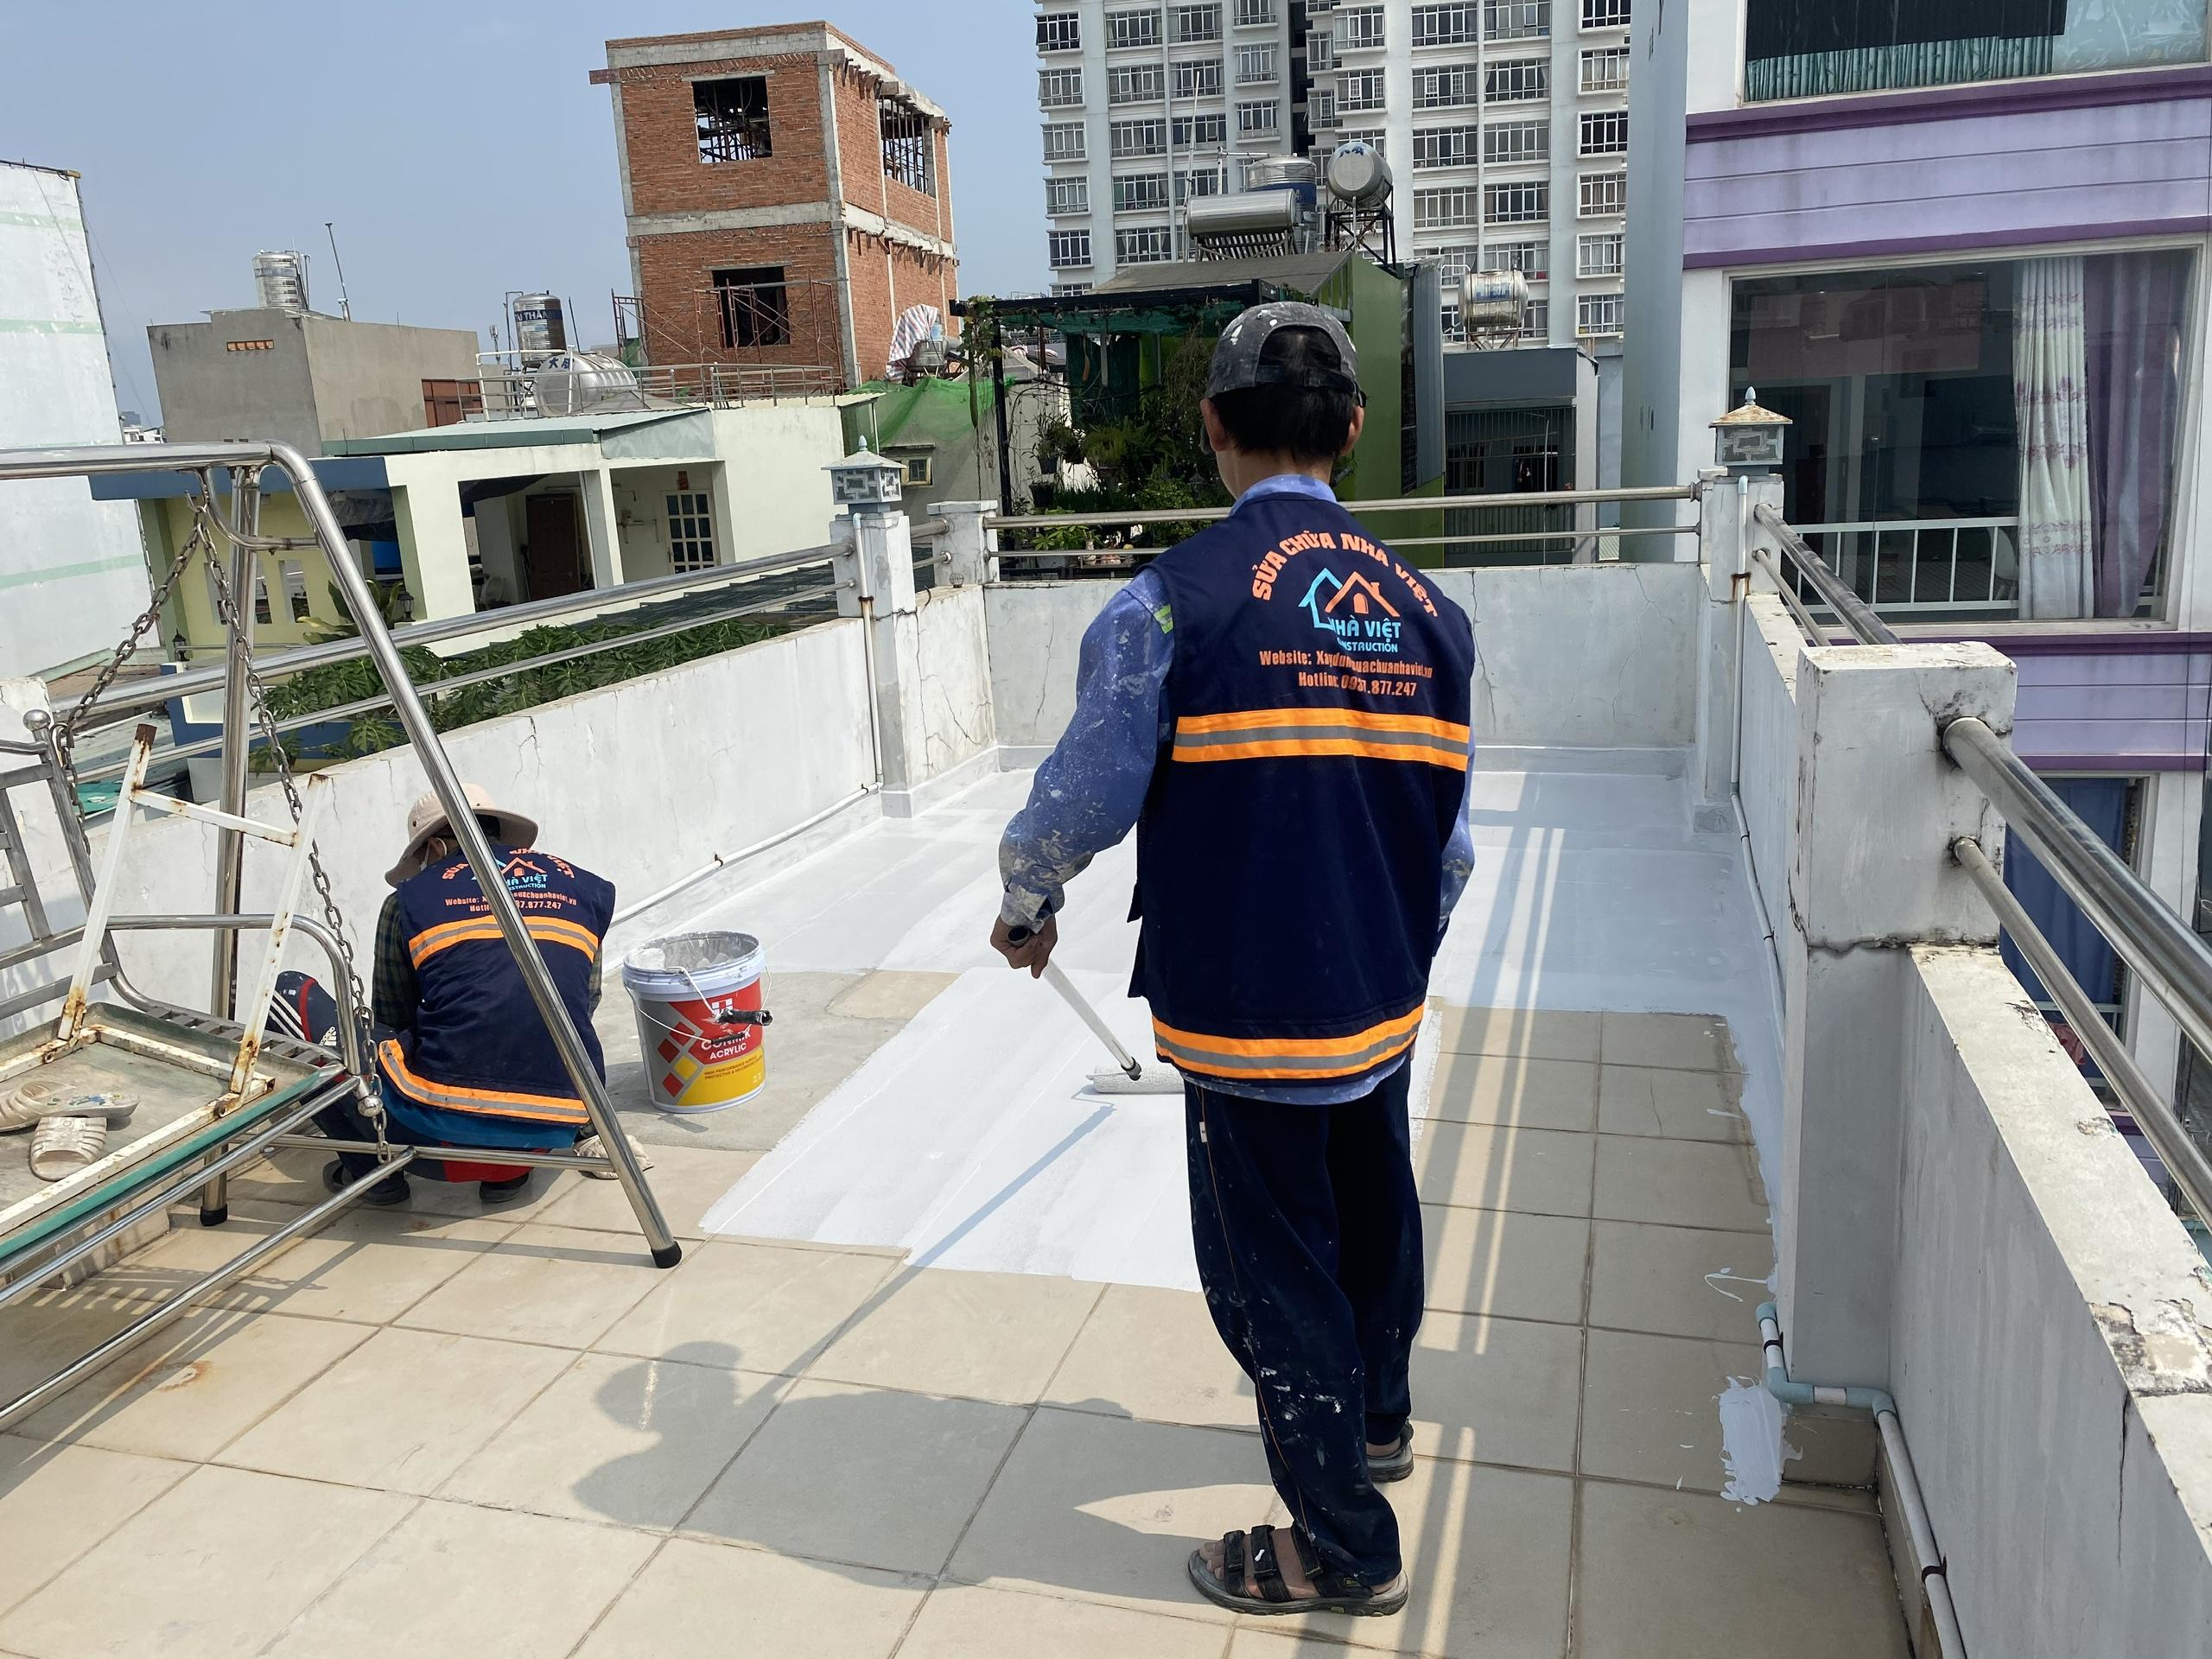 chong tham san thuong tphcm 6 - Chống Thấm Sân Thượng TP Hồ Chí Minh Hiệu Quả Triệt Để